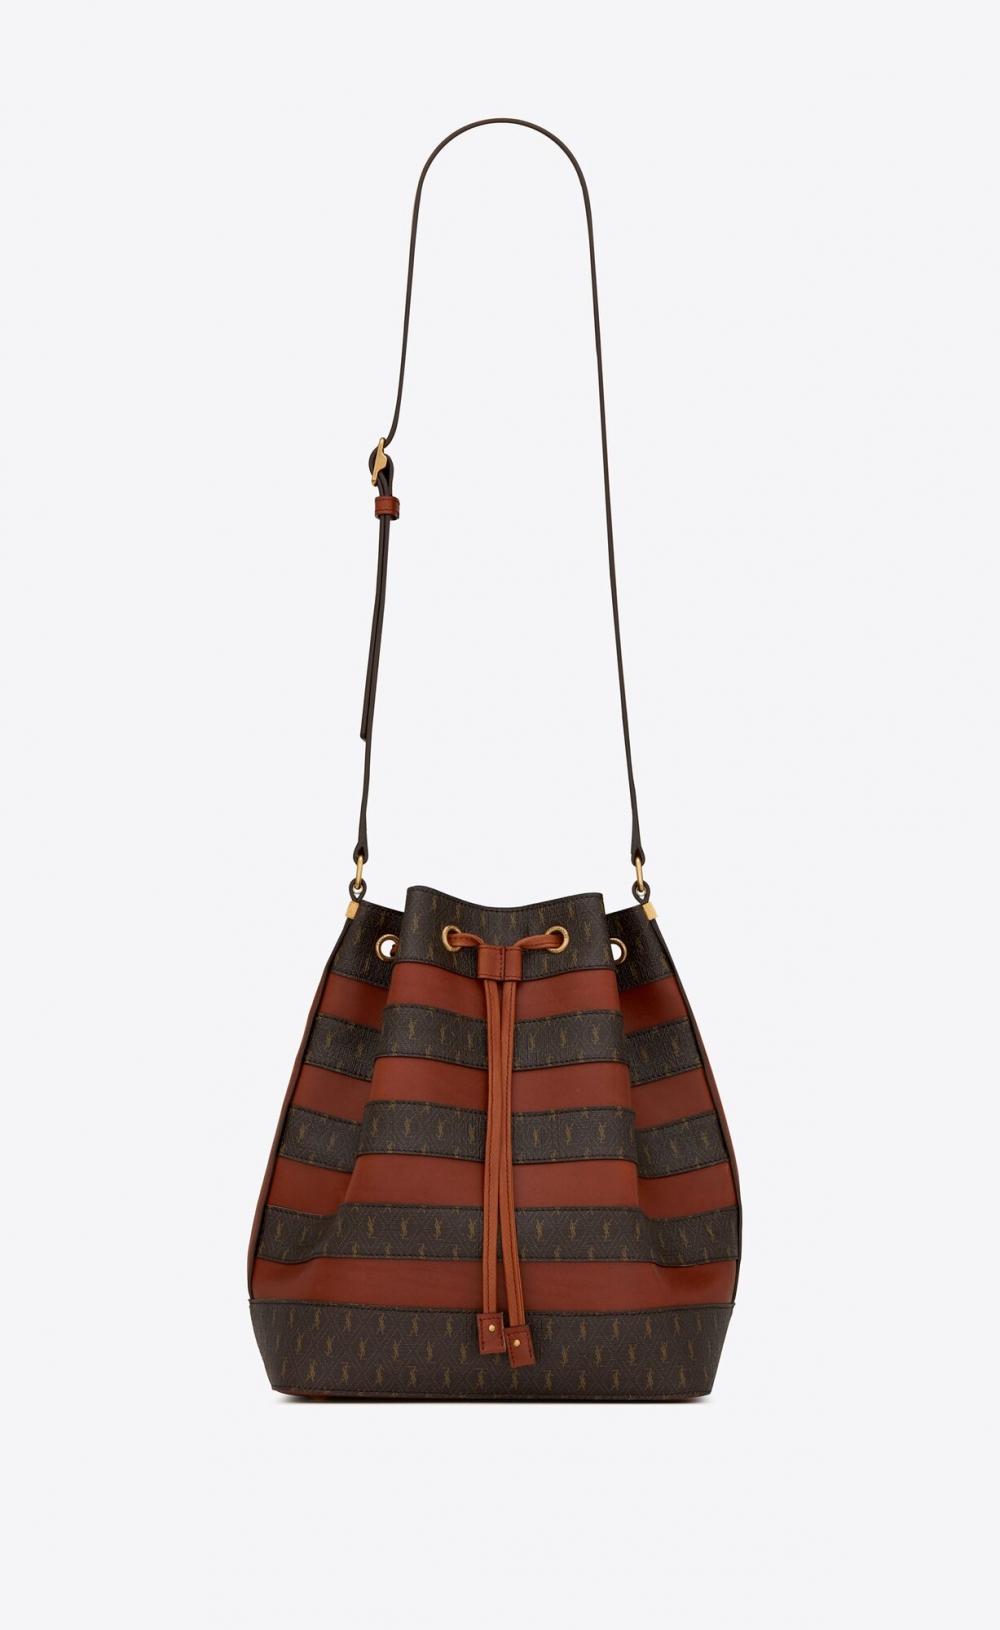 令時尚圈大開眼界的設計:Saint Laurent最新秋冬設計「復古老花色手袋」傳達知性的女人最性感